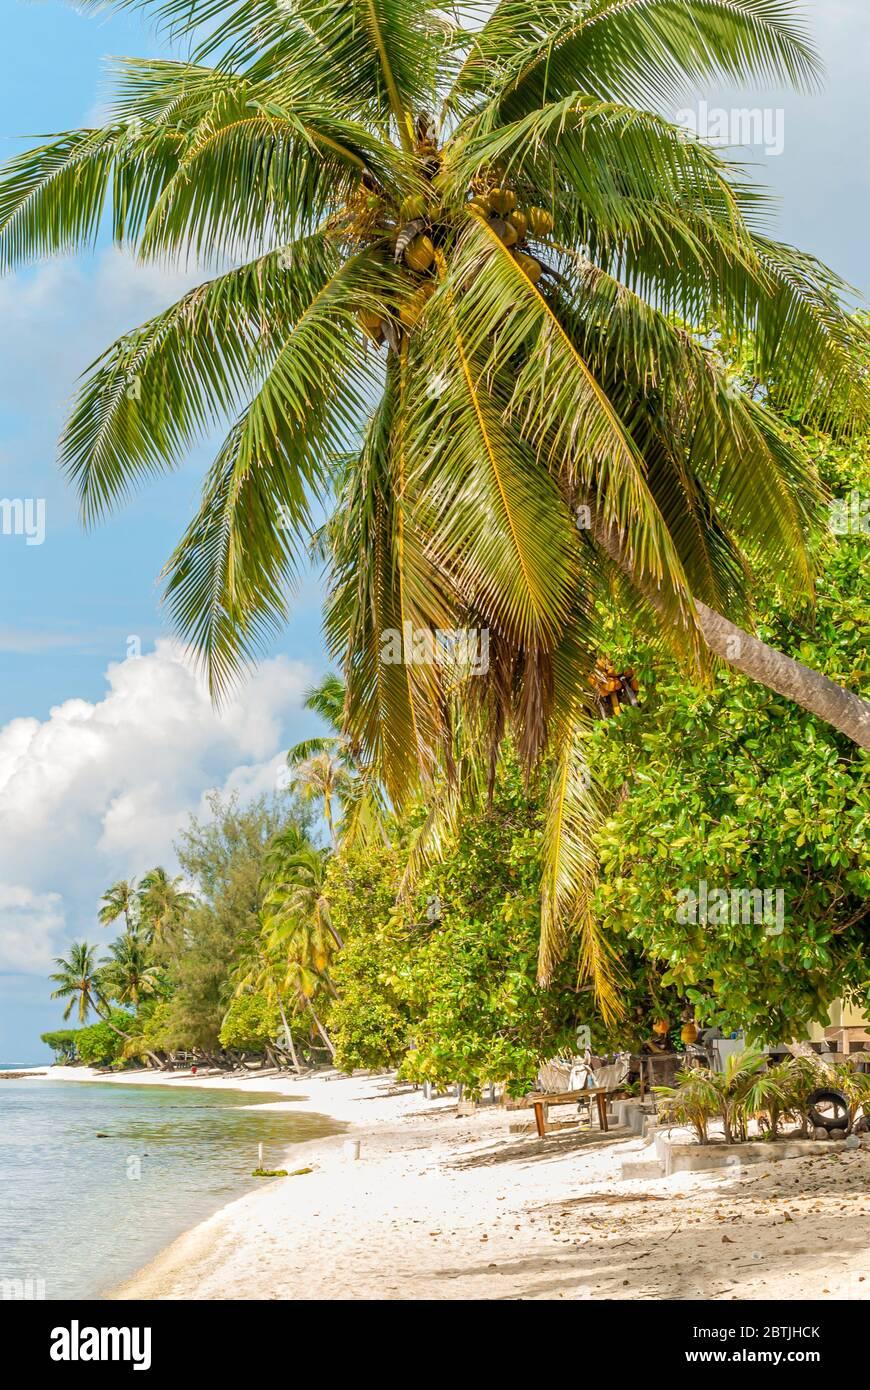 Plage de palmiers sur l'île de Bora Bora, Polynésie française Banque D'Images